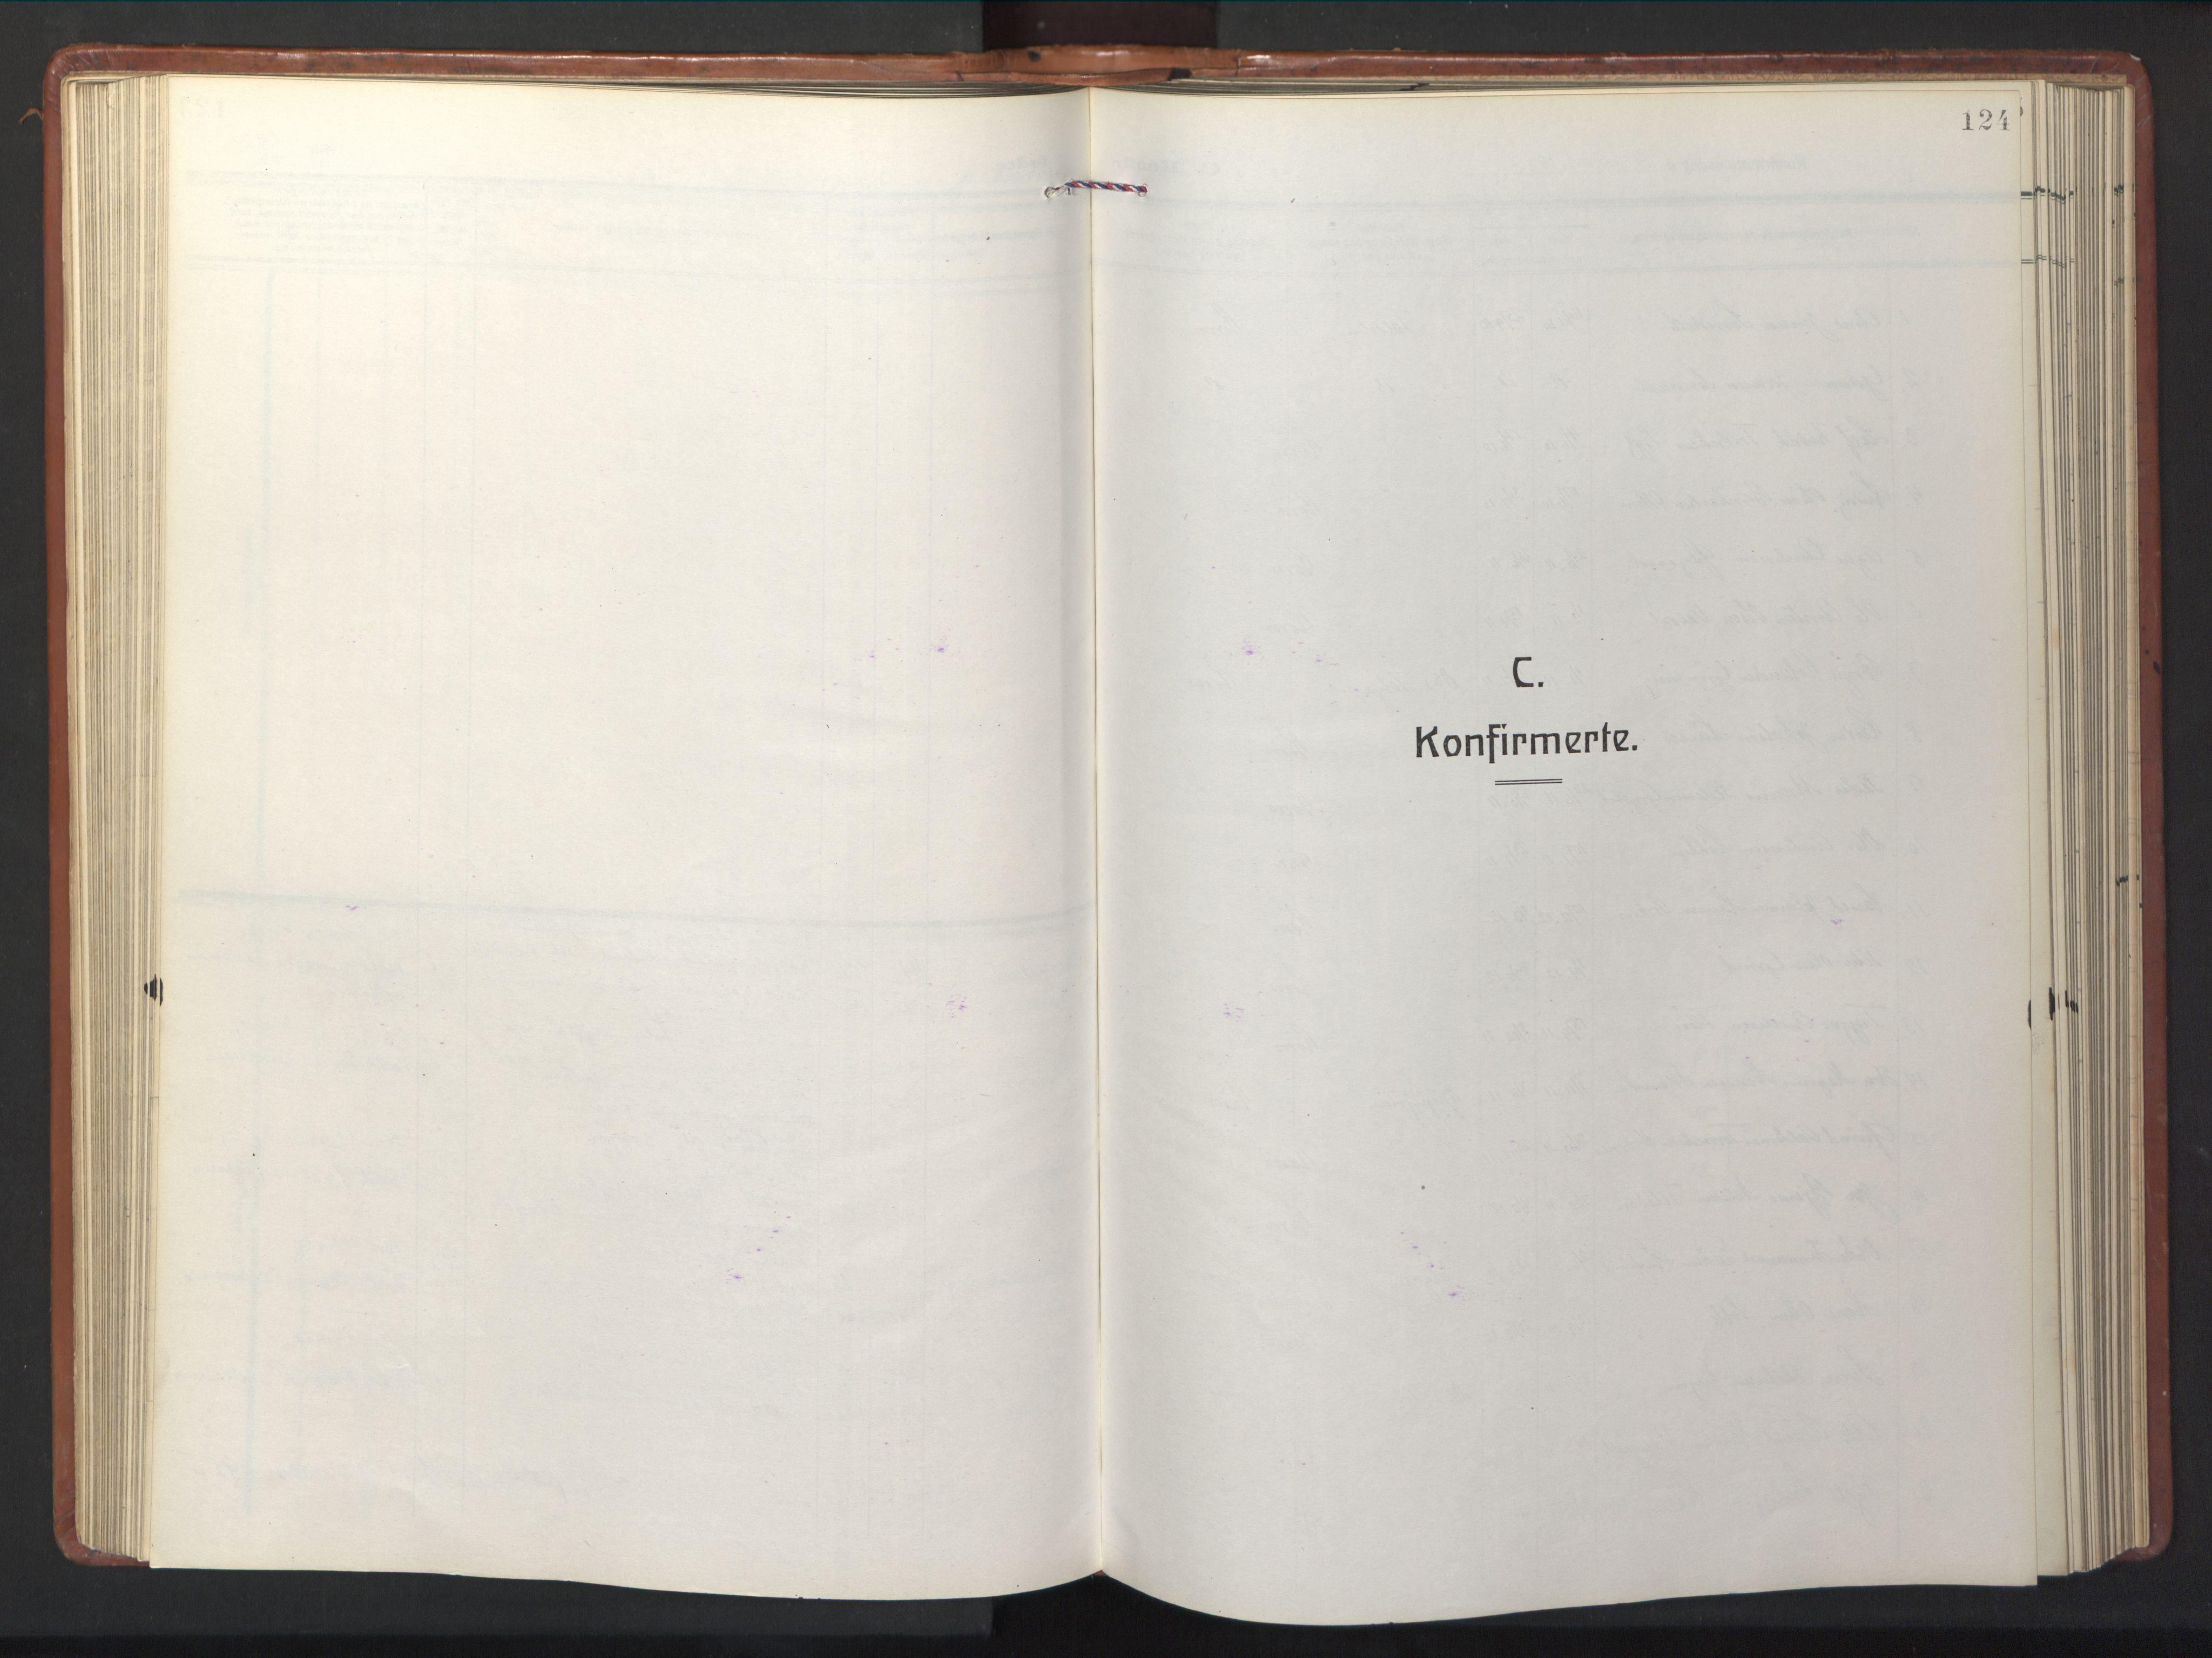 SAT, Ministerialprotokoller, klokkerbøker og fødselsregistre - Sør-Trøndelag, 681/L0943: Klokkerbok nr. 681C07, 1926-1954, s. 124